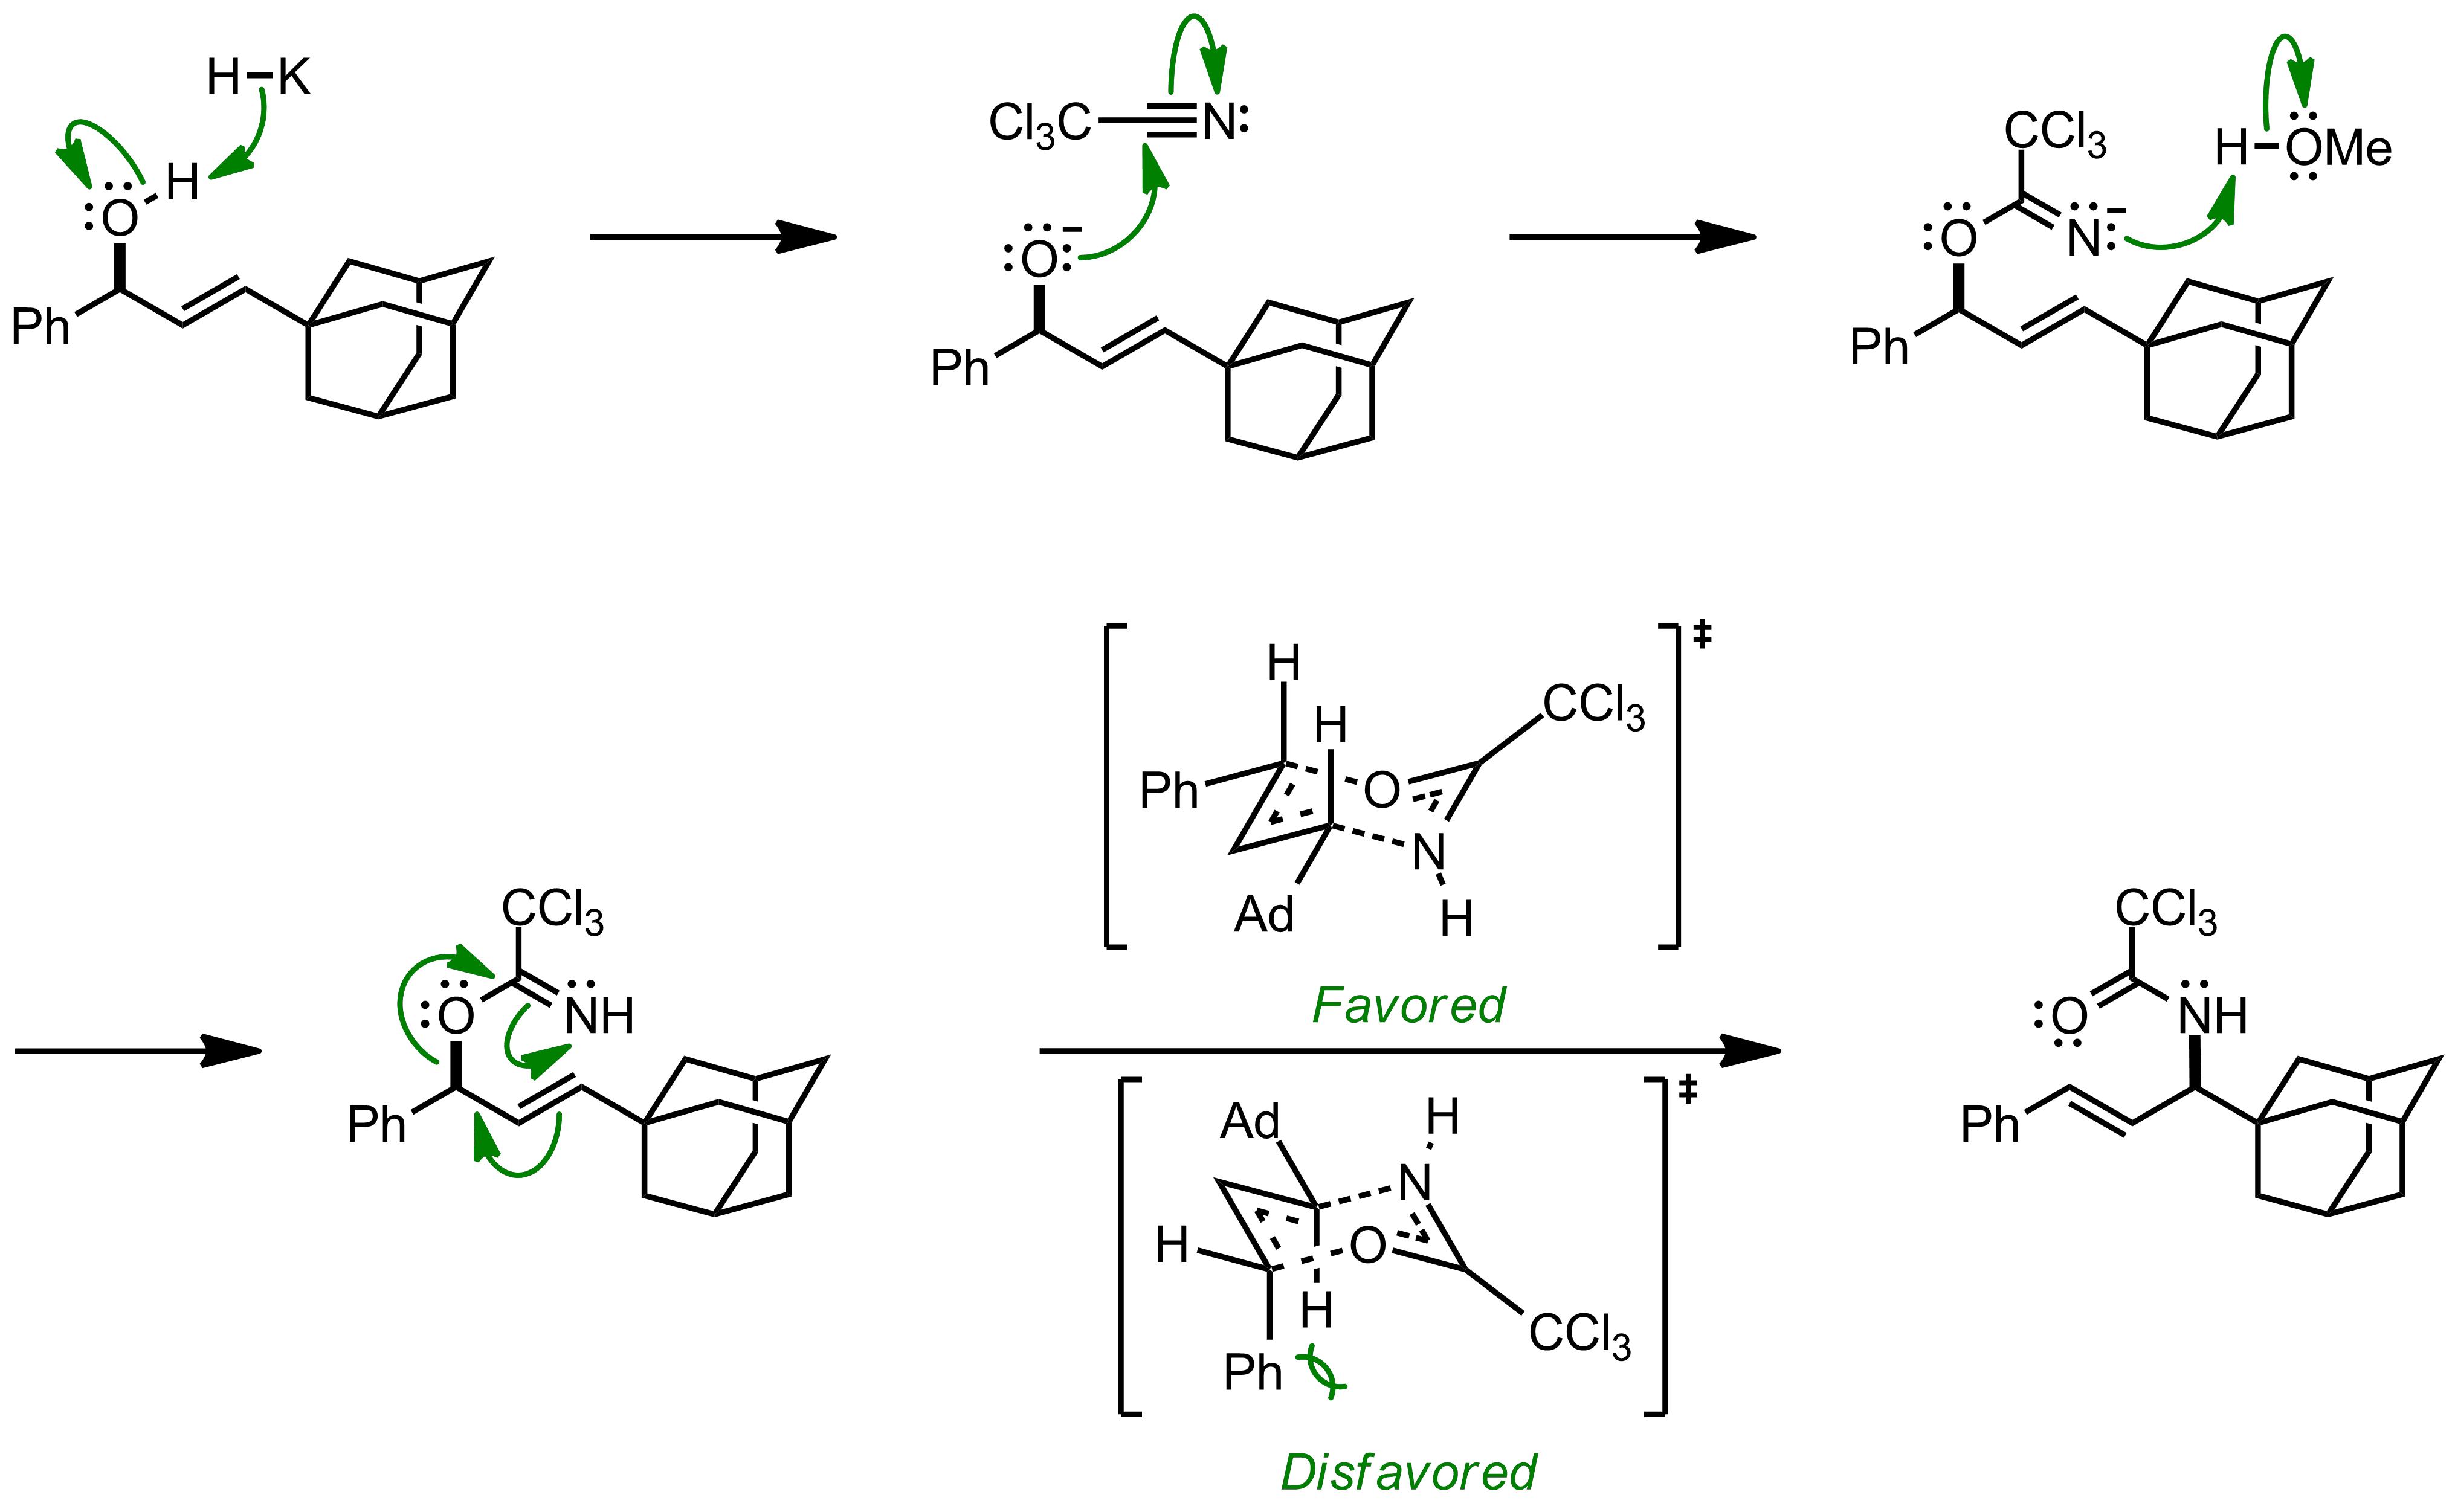 Mechanism of the Overman Rearrangement